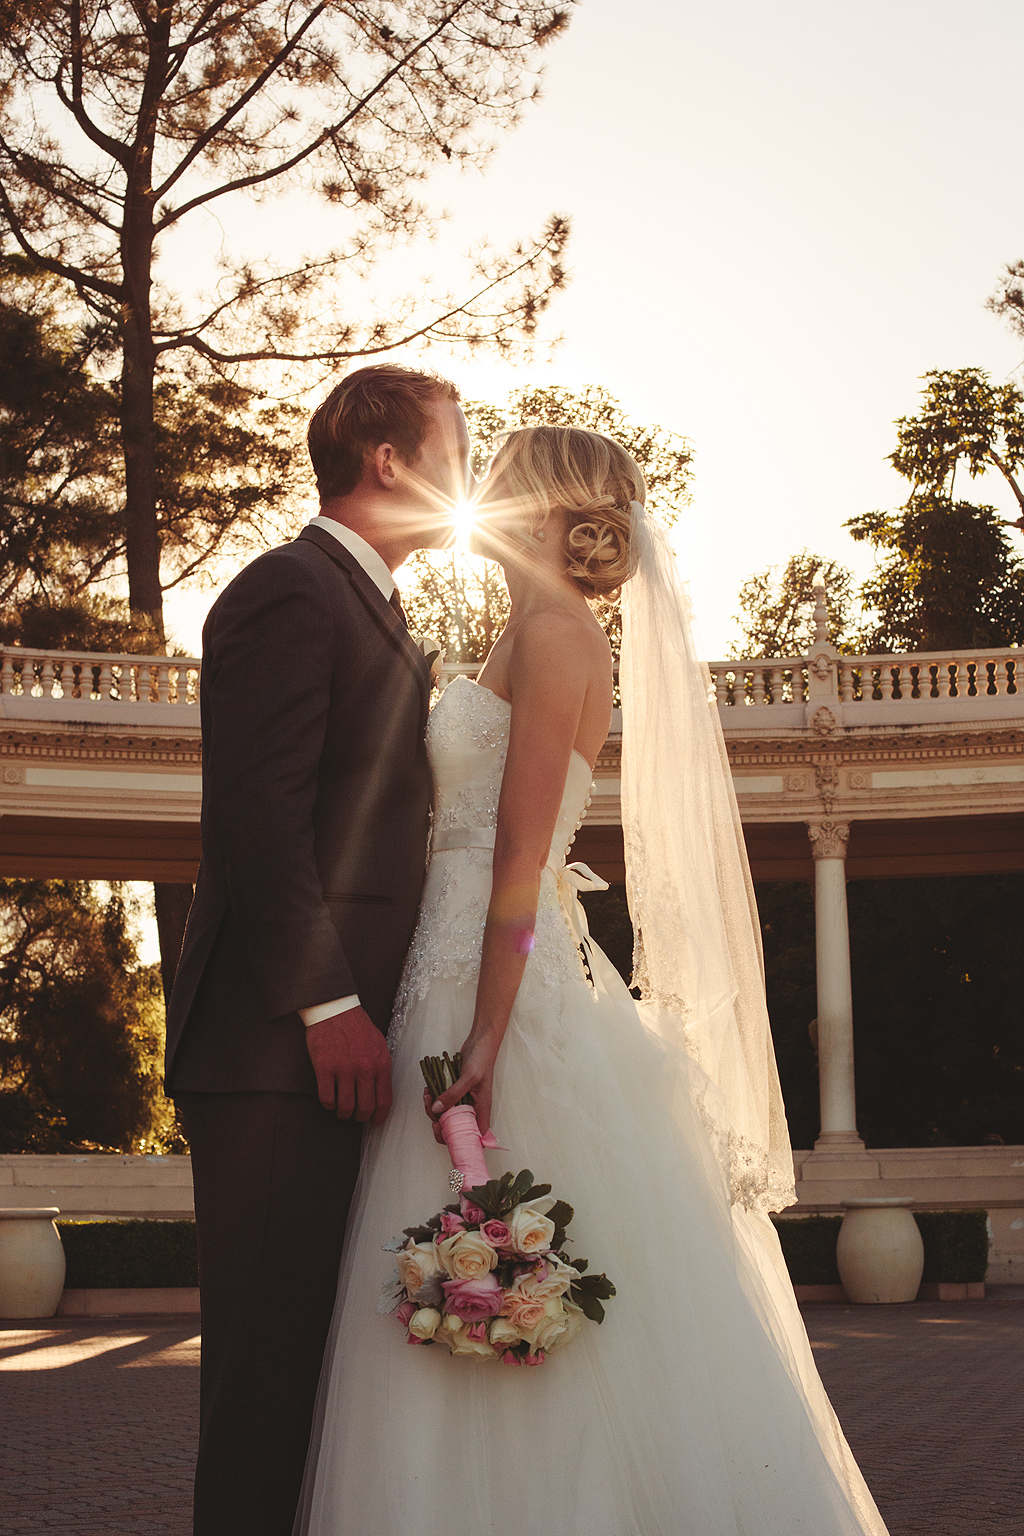 Wedding Silhouette | Balboa Park Photographer San Diego